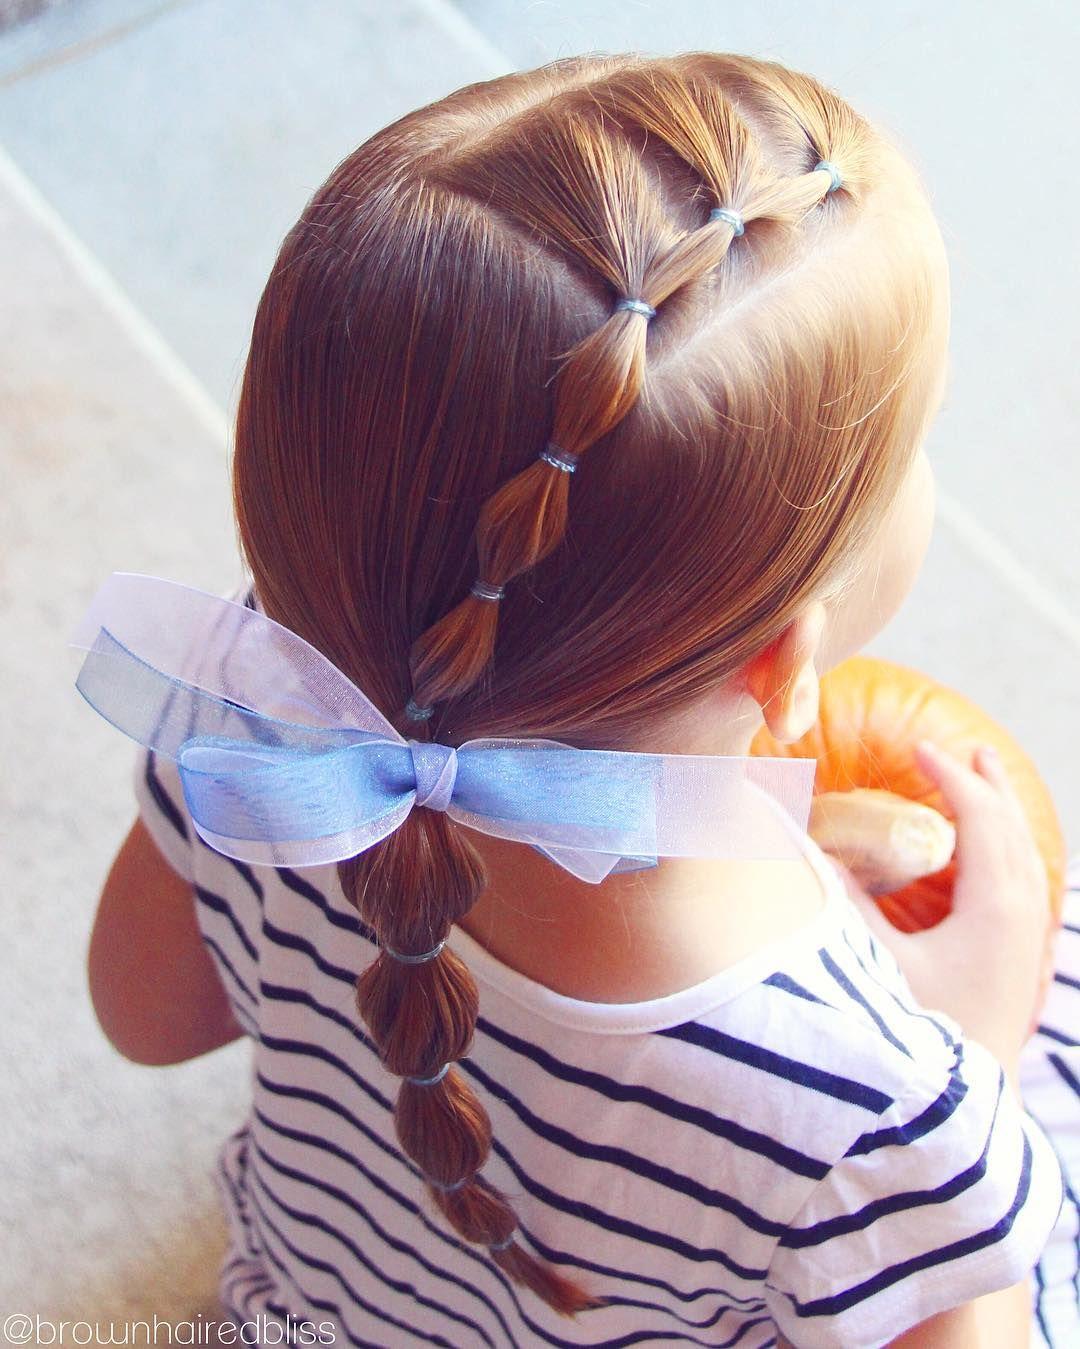 Pin by sara basney on hair pinterest girl hair hair style and